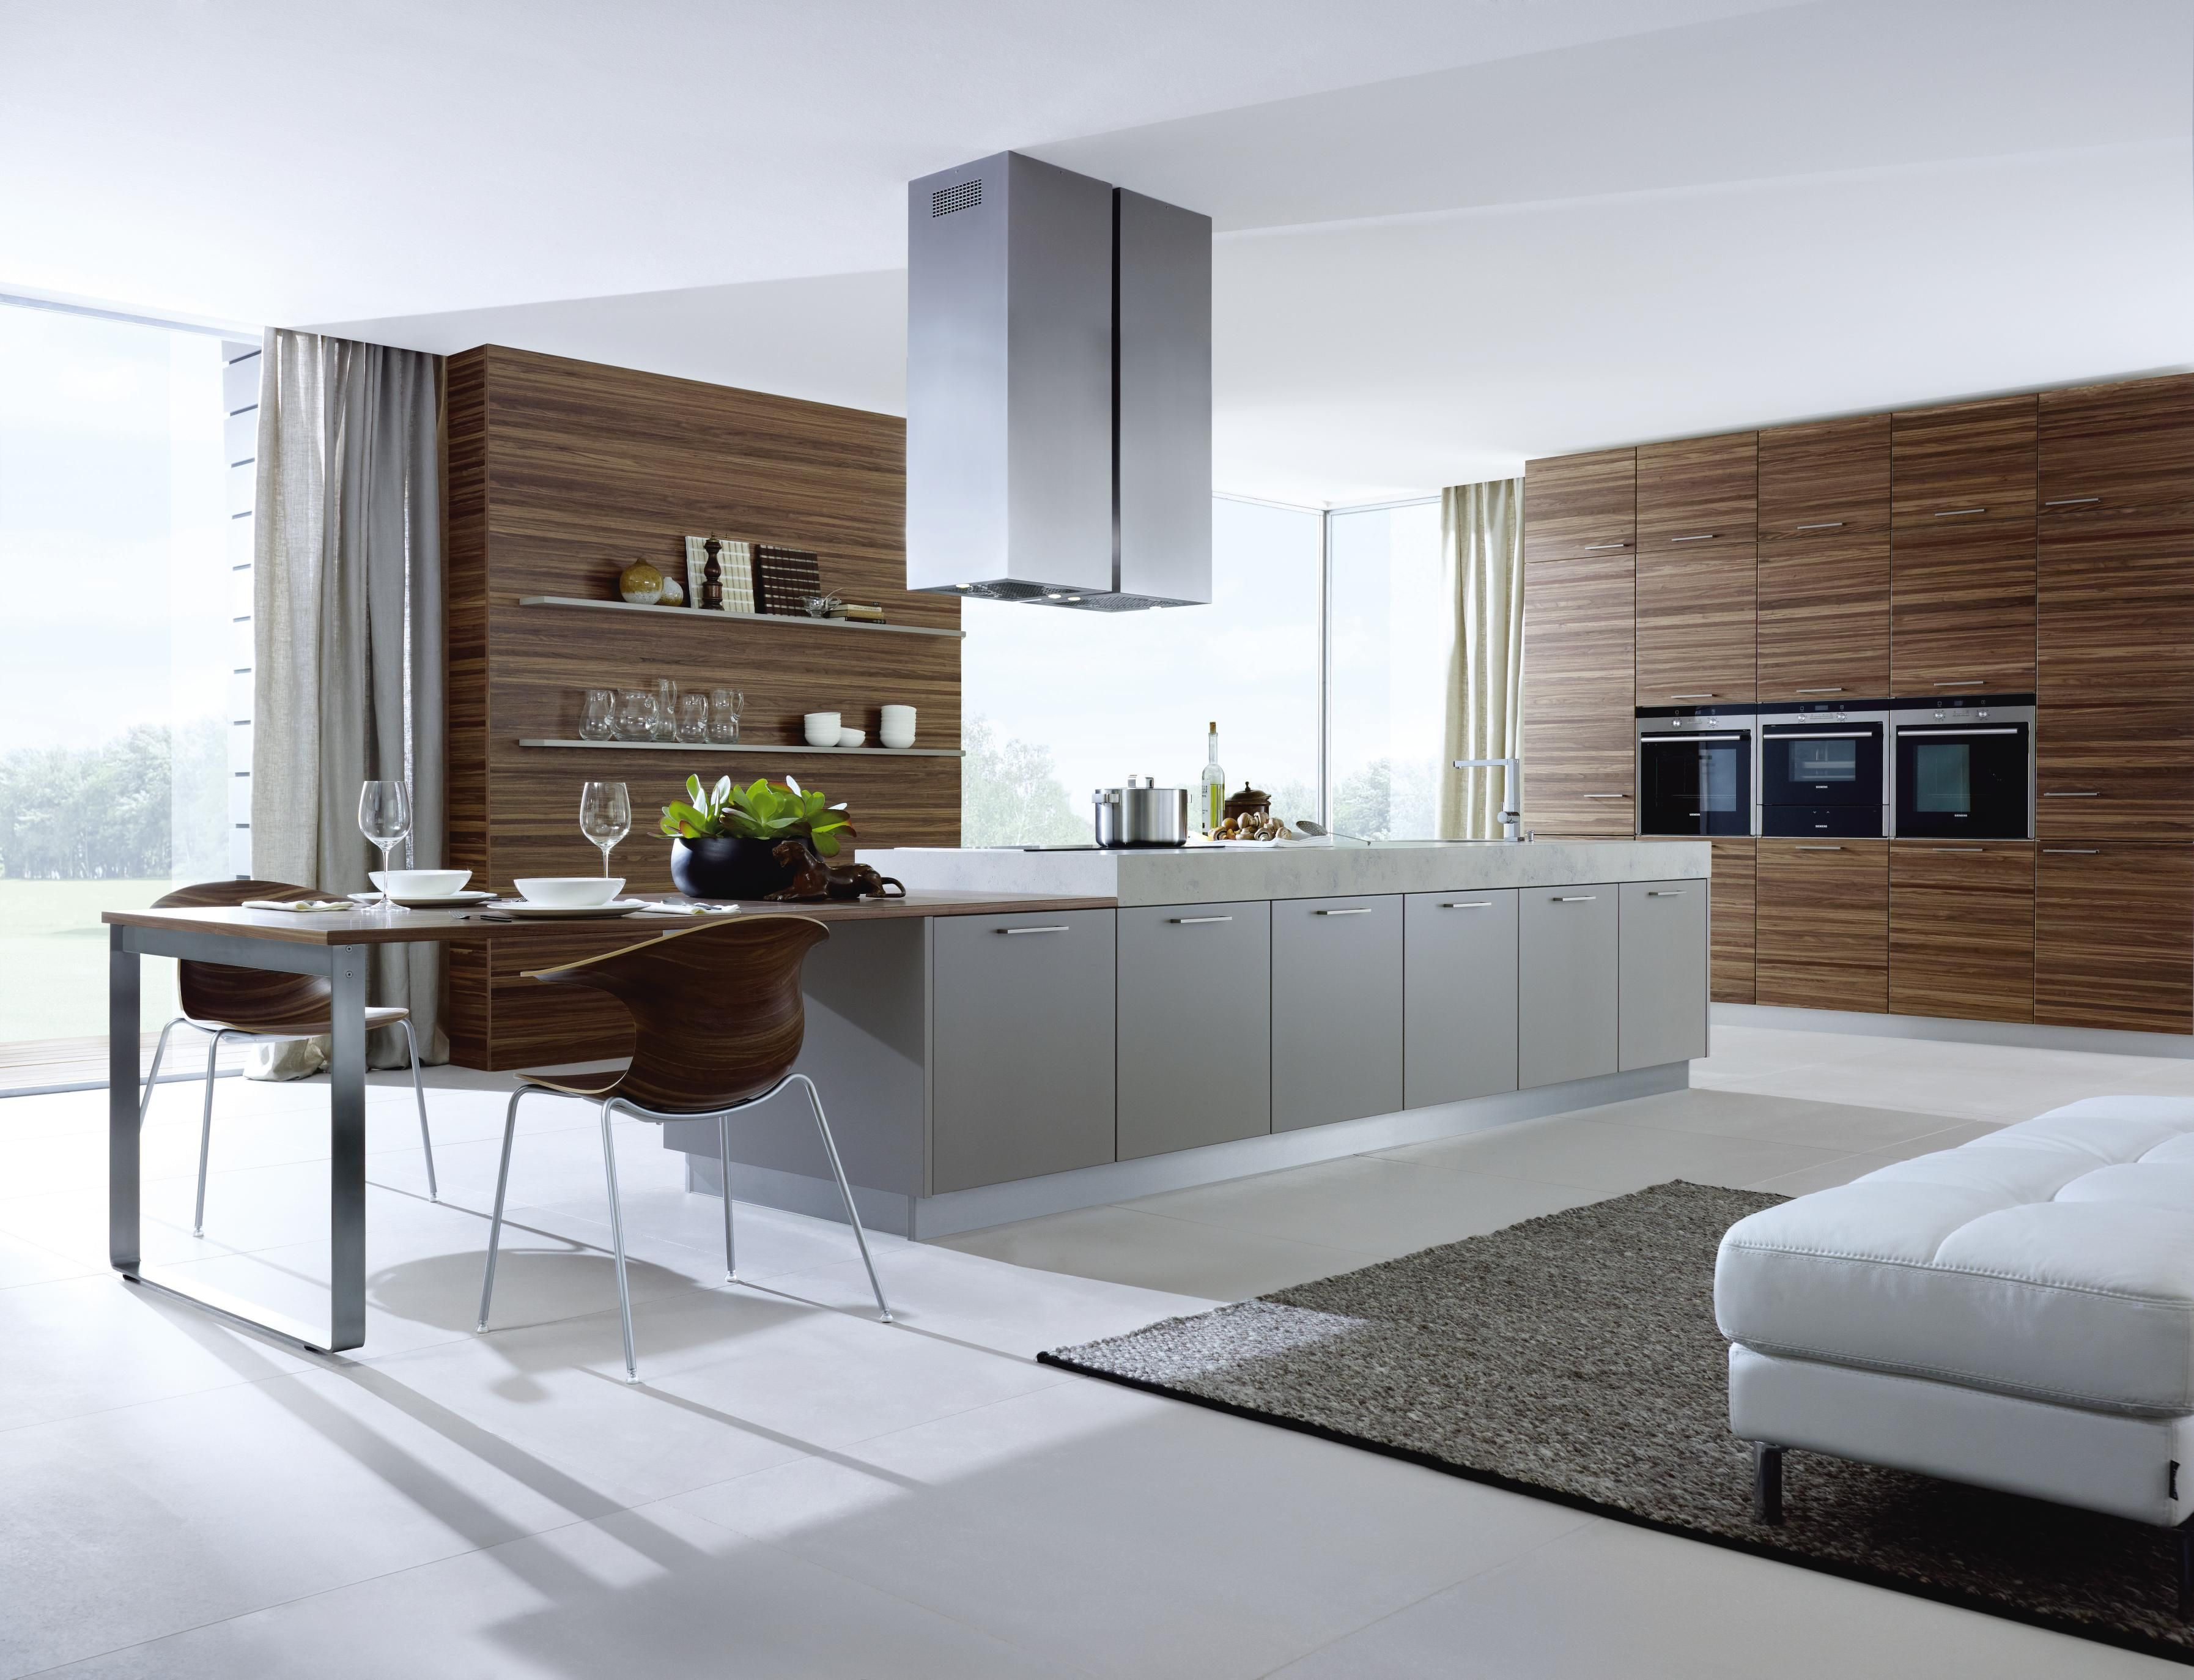 Designküche graue design küche mit edler holzverarbeitung designer küche